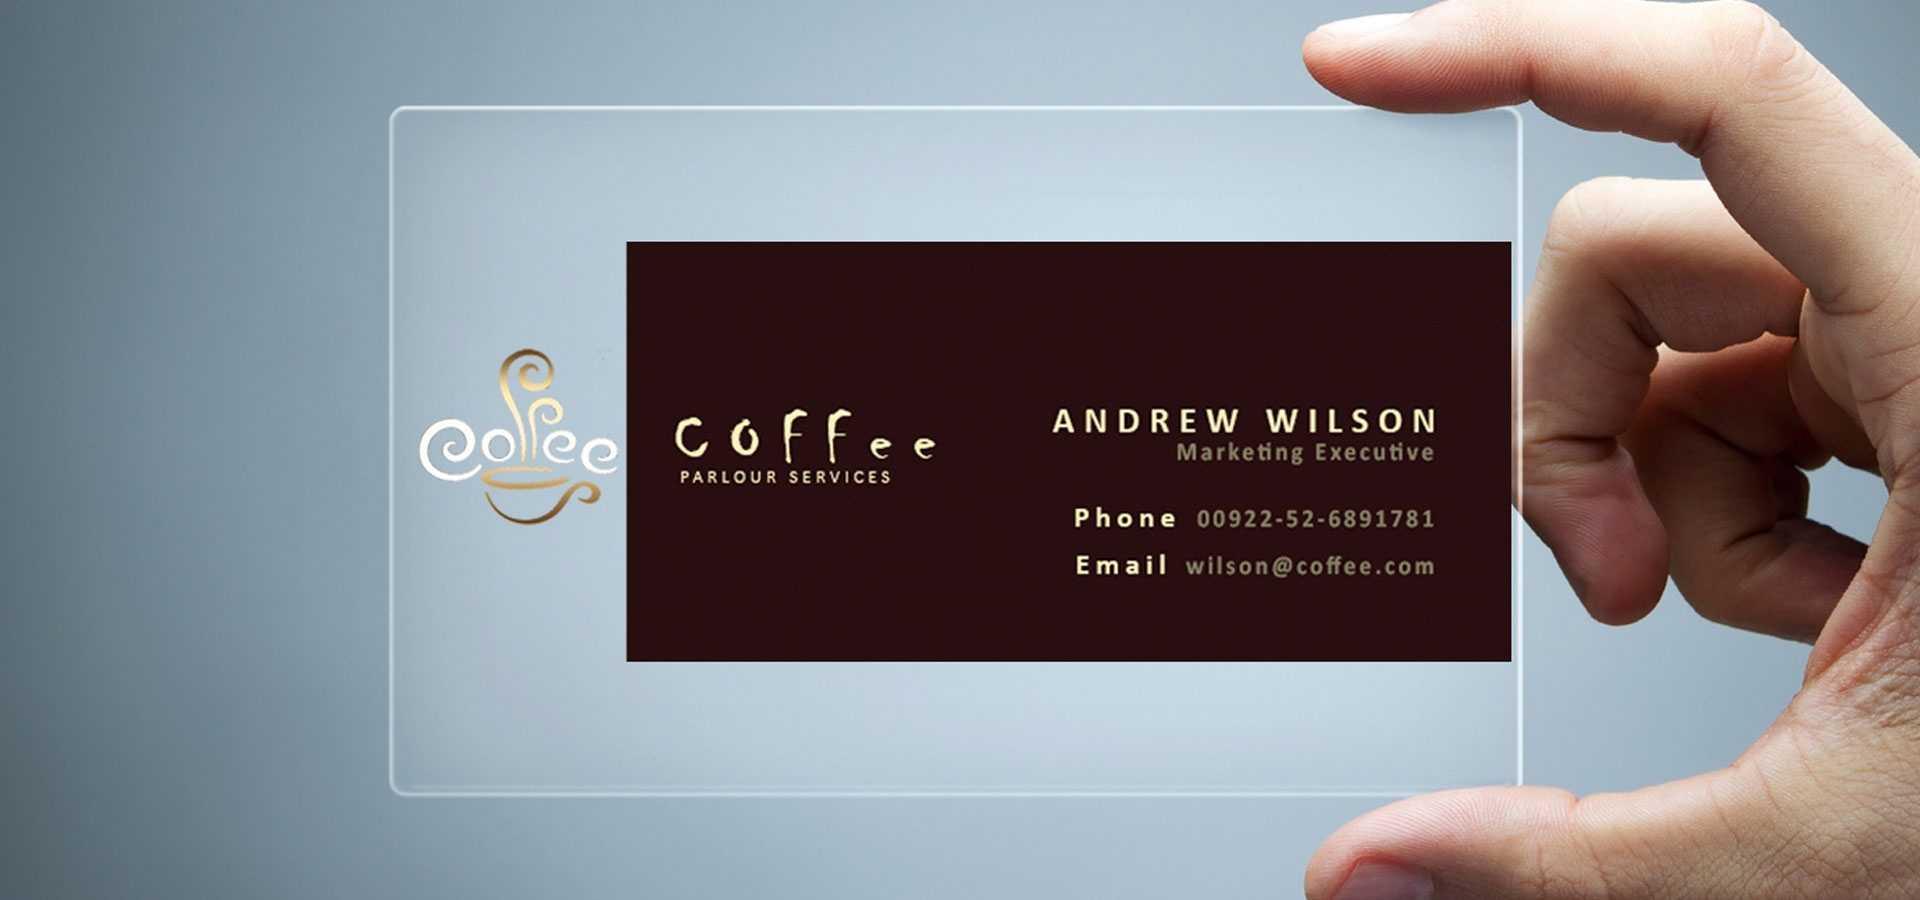 26+ Transparent Business Card Templates - Illustrator, Ms In Transparent Business Cards Template